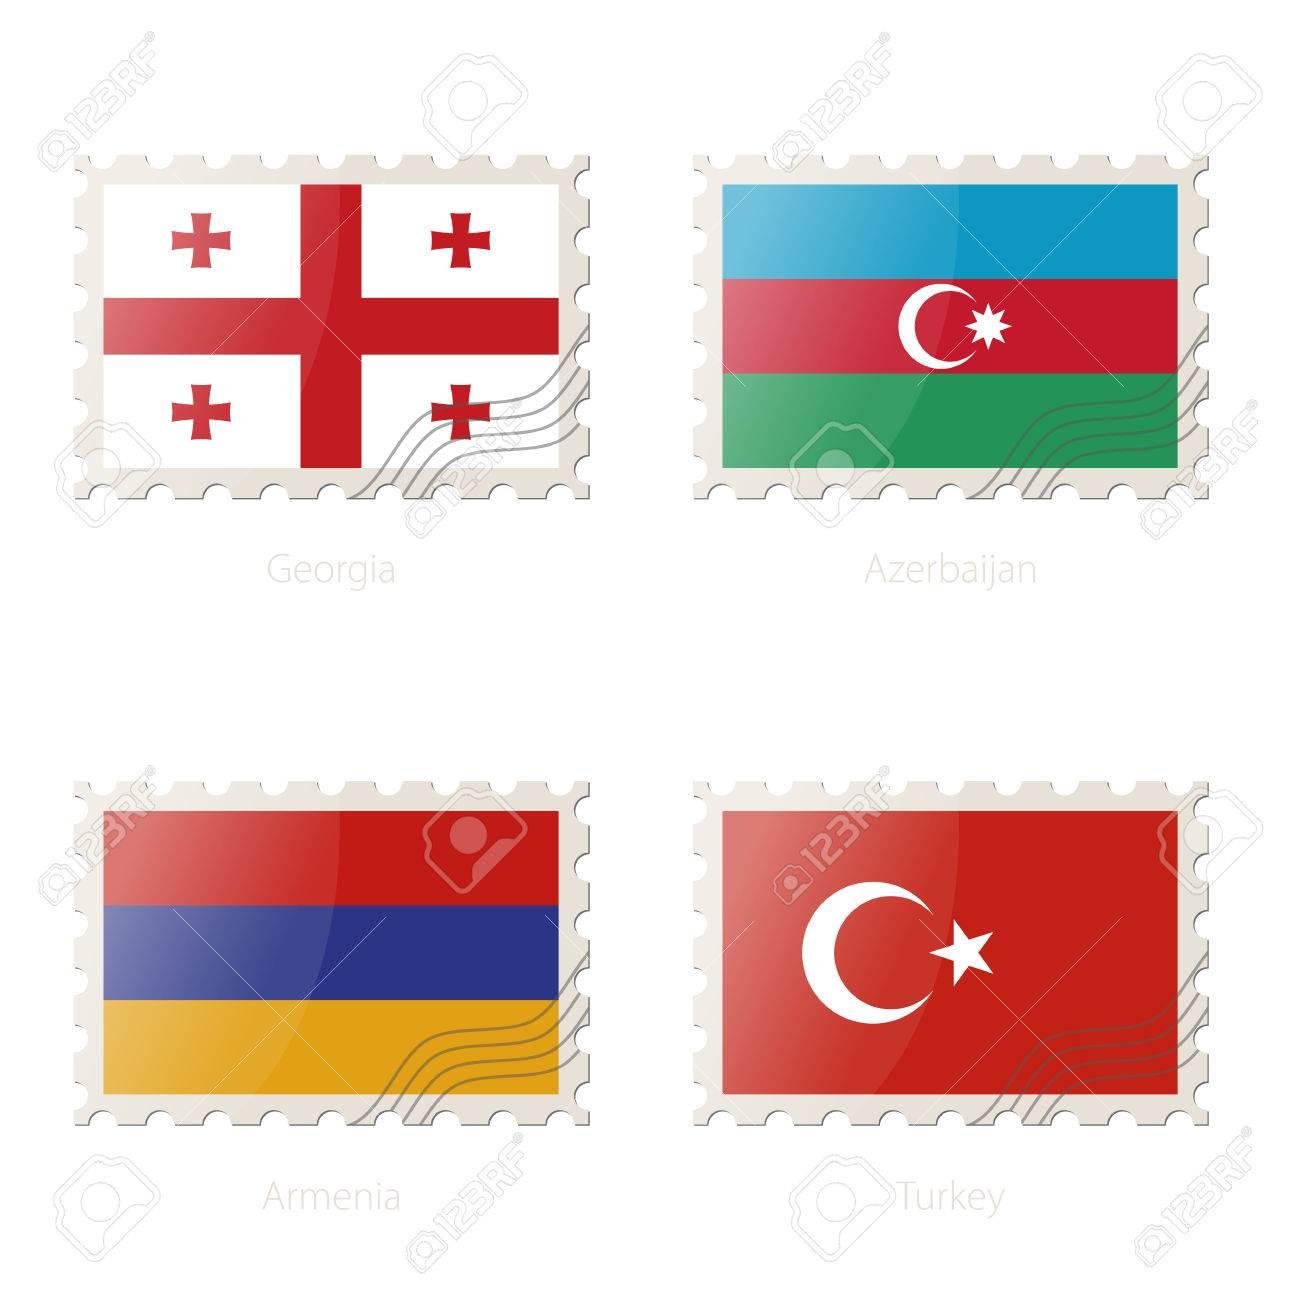 Briefmarke Mit Dem Bild Von Flagge Georgia Aserbaidschan Armenien Die Turkei Vektor Illustration Lizenzfrei Nutzbare Vektorgrafiken Clip Arts Illustrationen Image 66692436